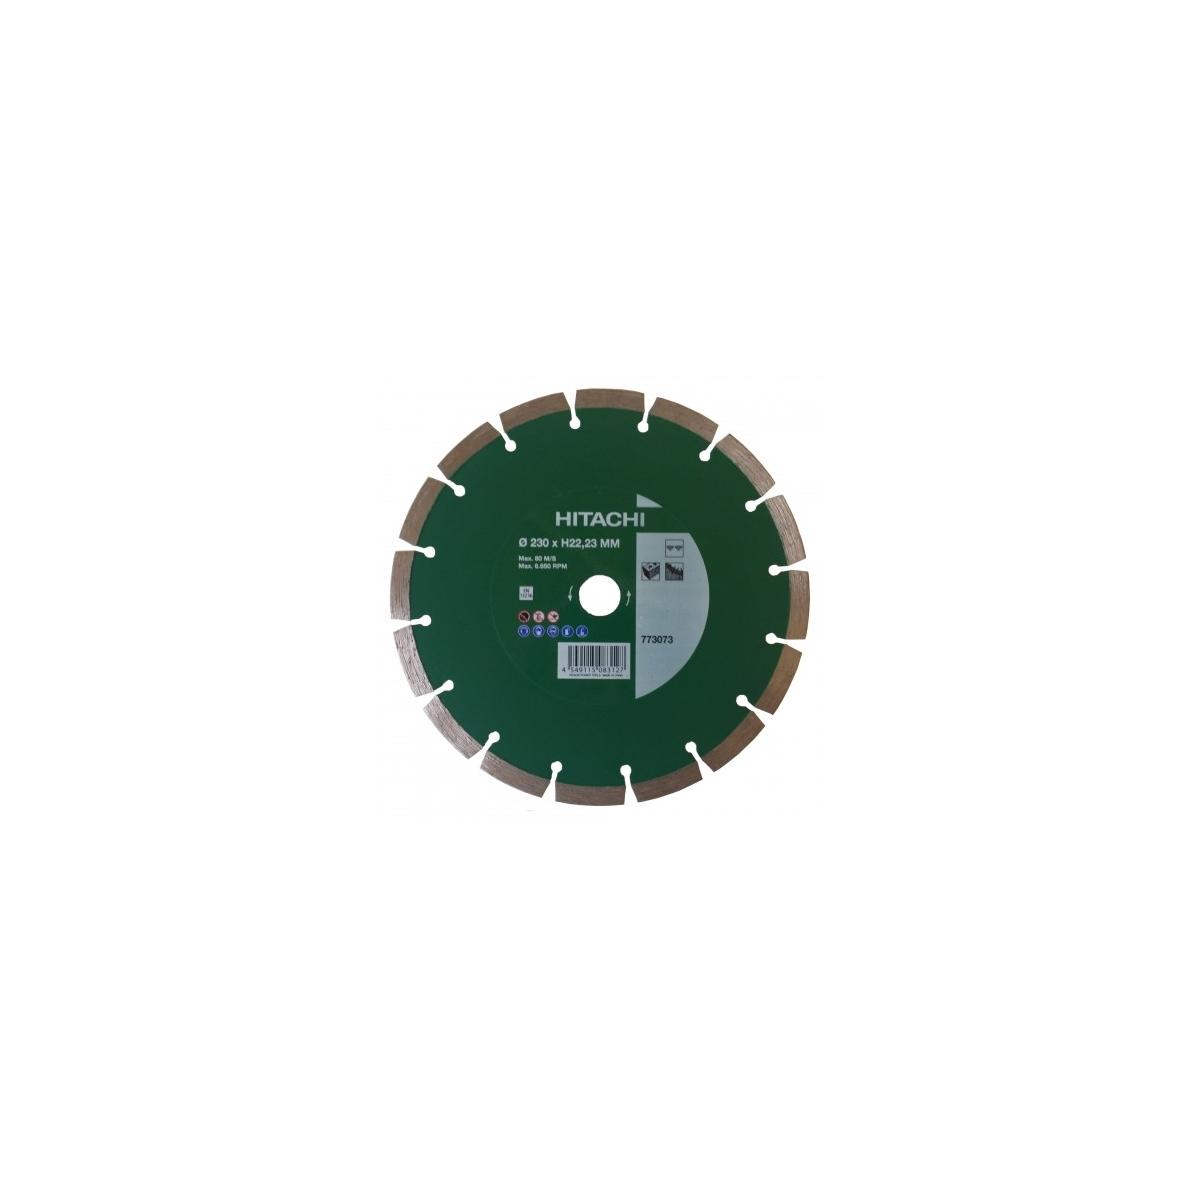 HITACHI 773073 Disque pour meuleuse /Ø230mm 22,23mm